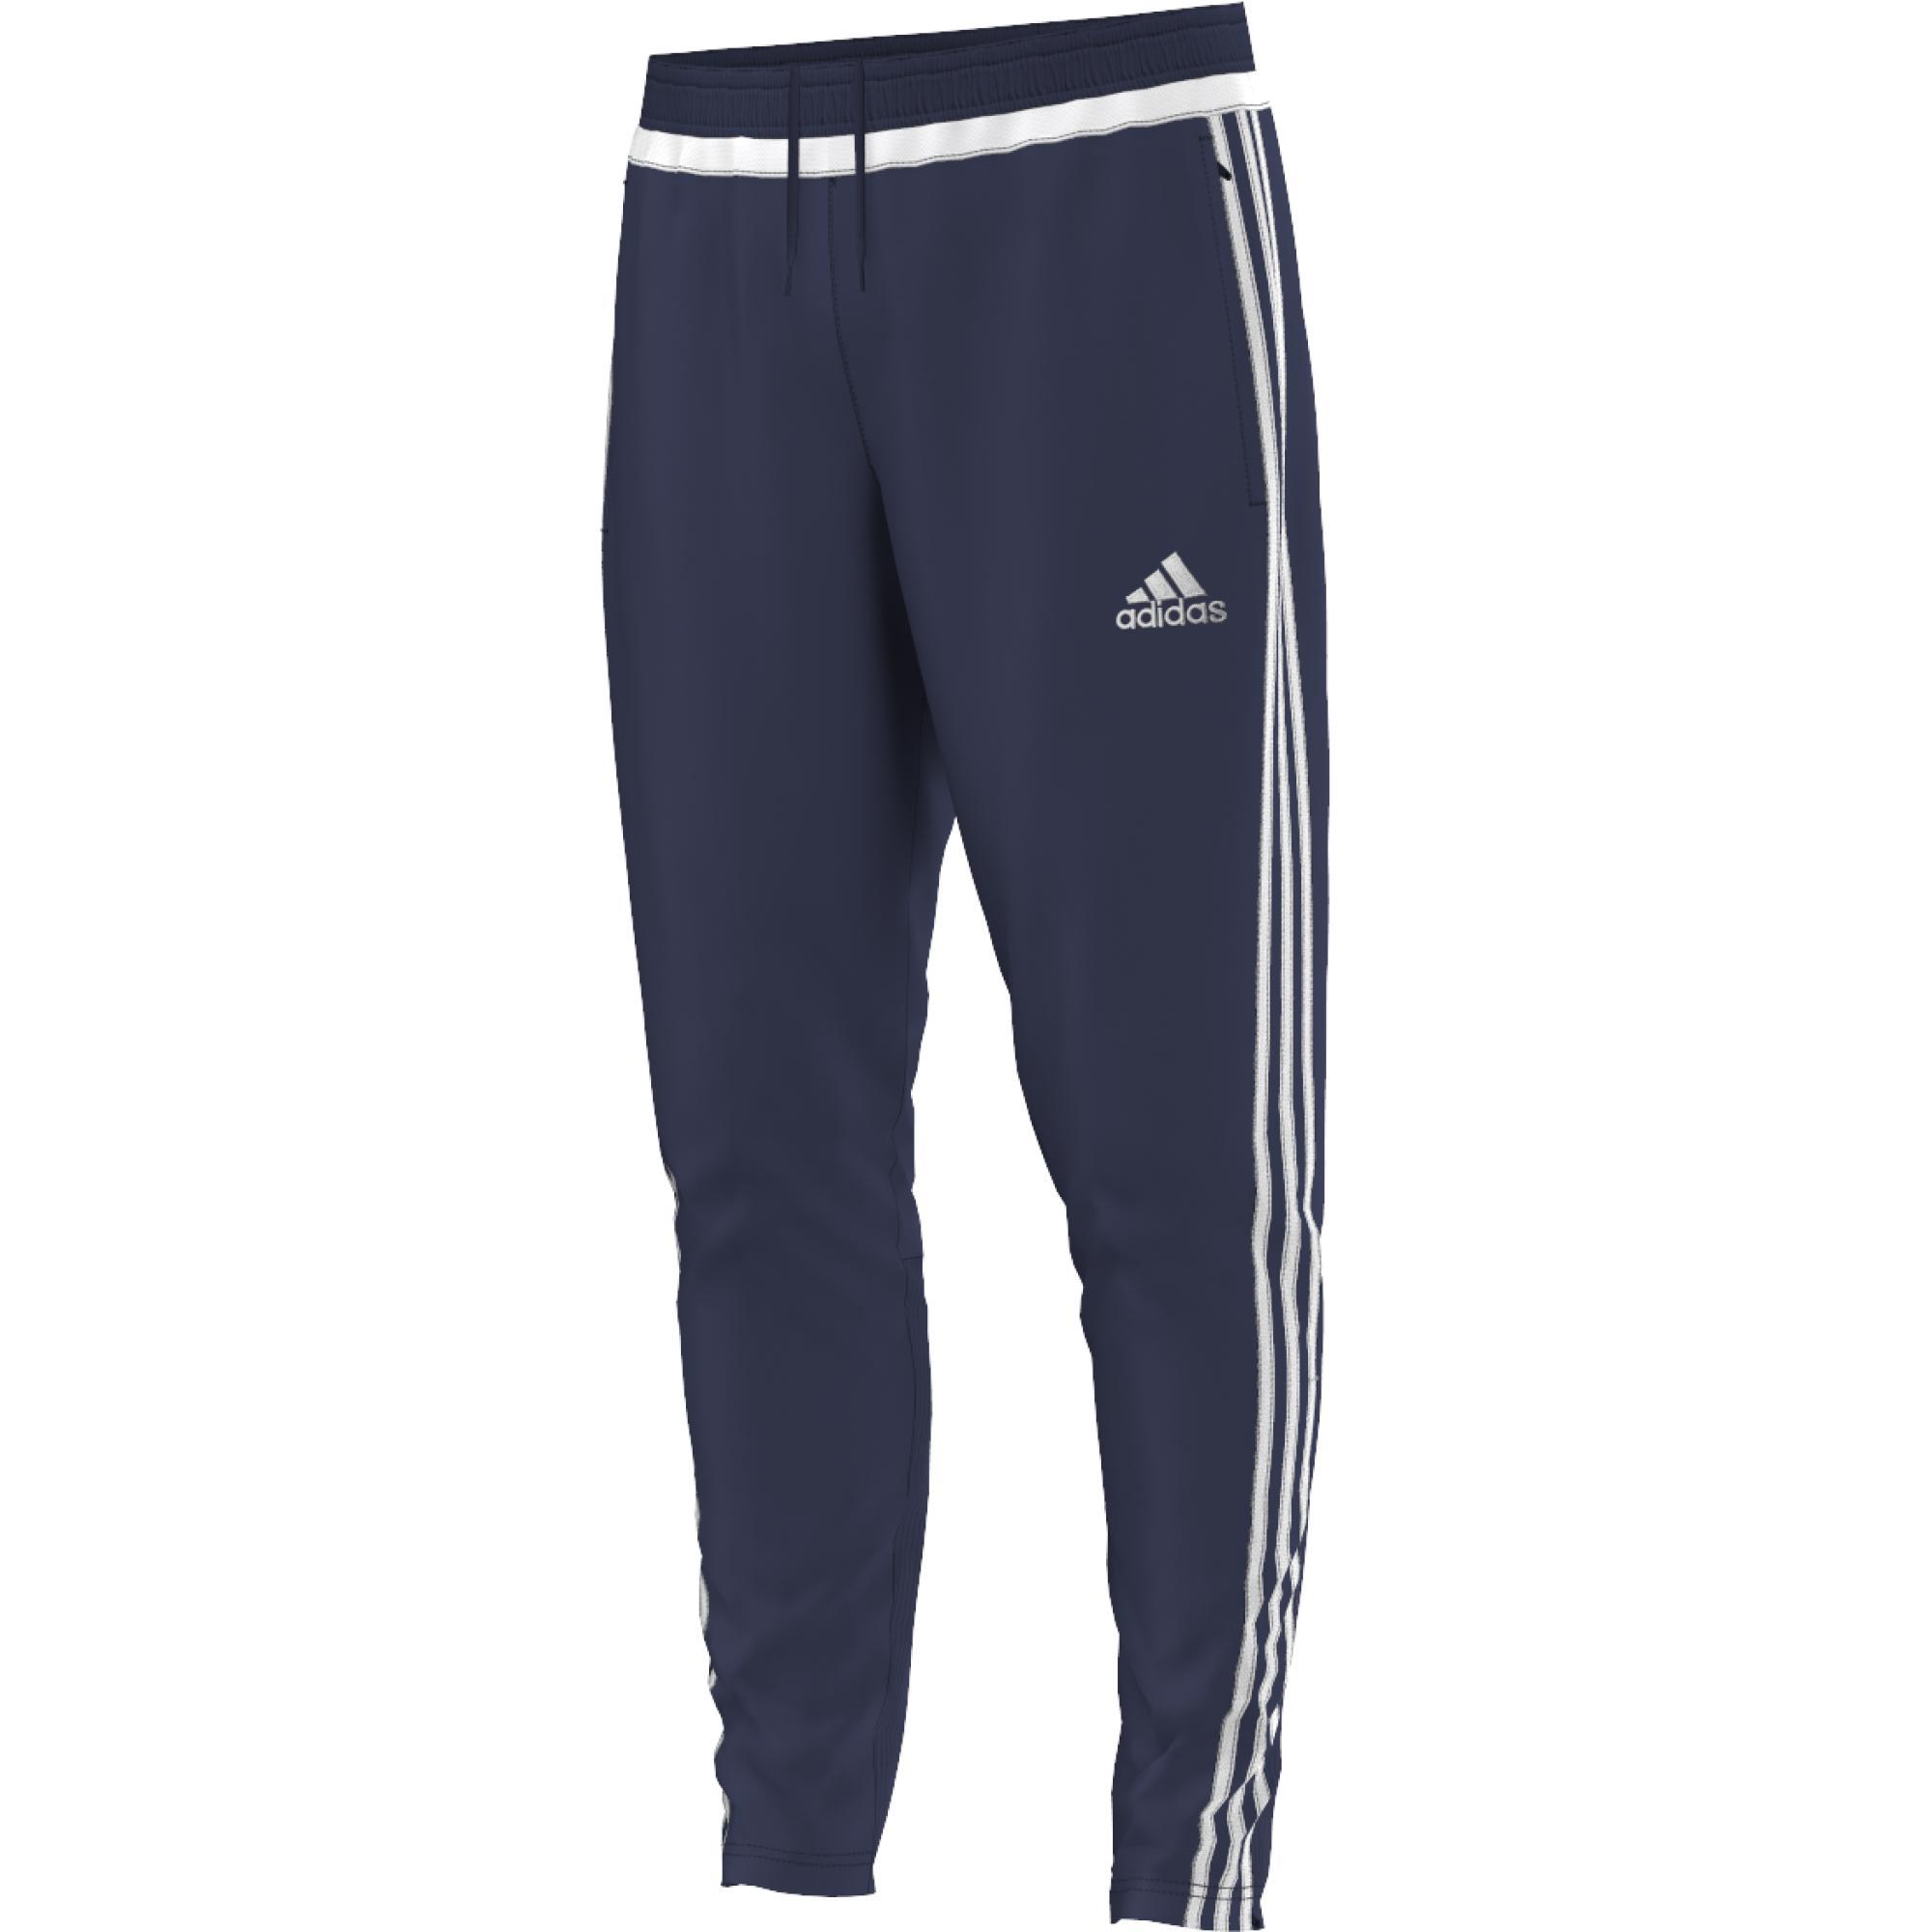 ADIDAS kalhoty Tiro 15